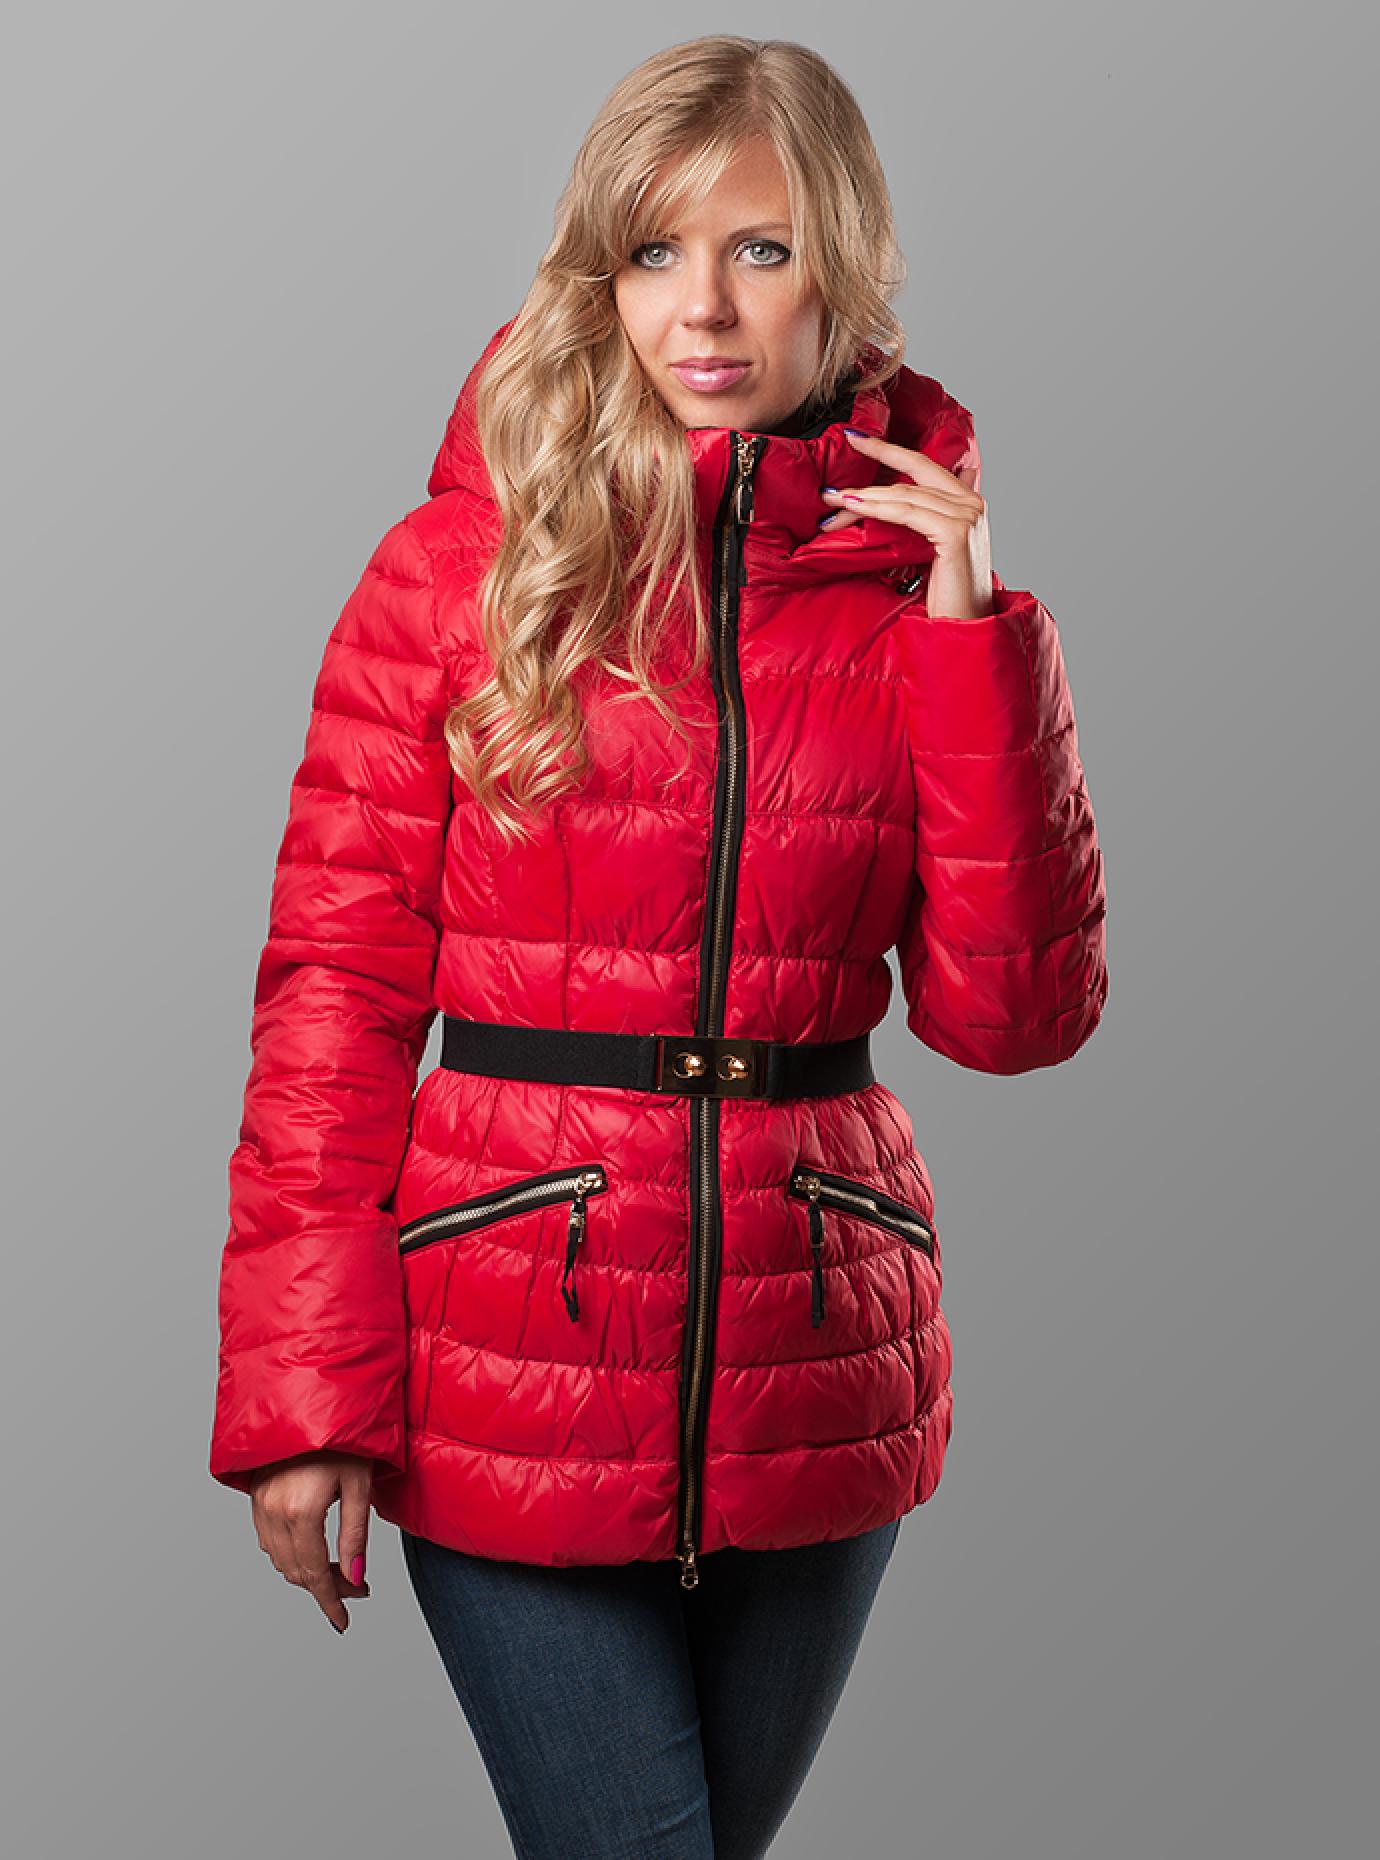 Пуховик женский с поясом Красный S (02-CR170394): фото - Alster.ua